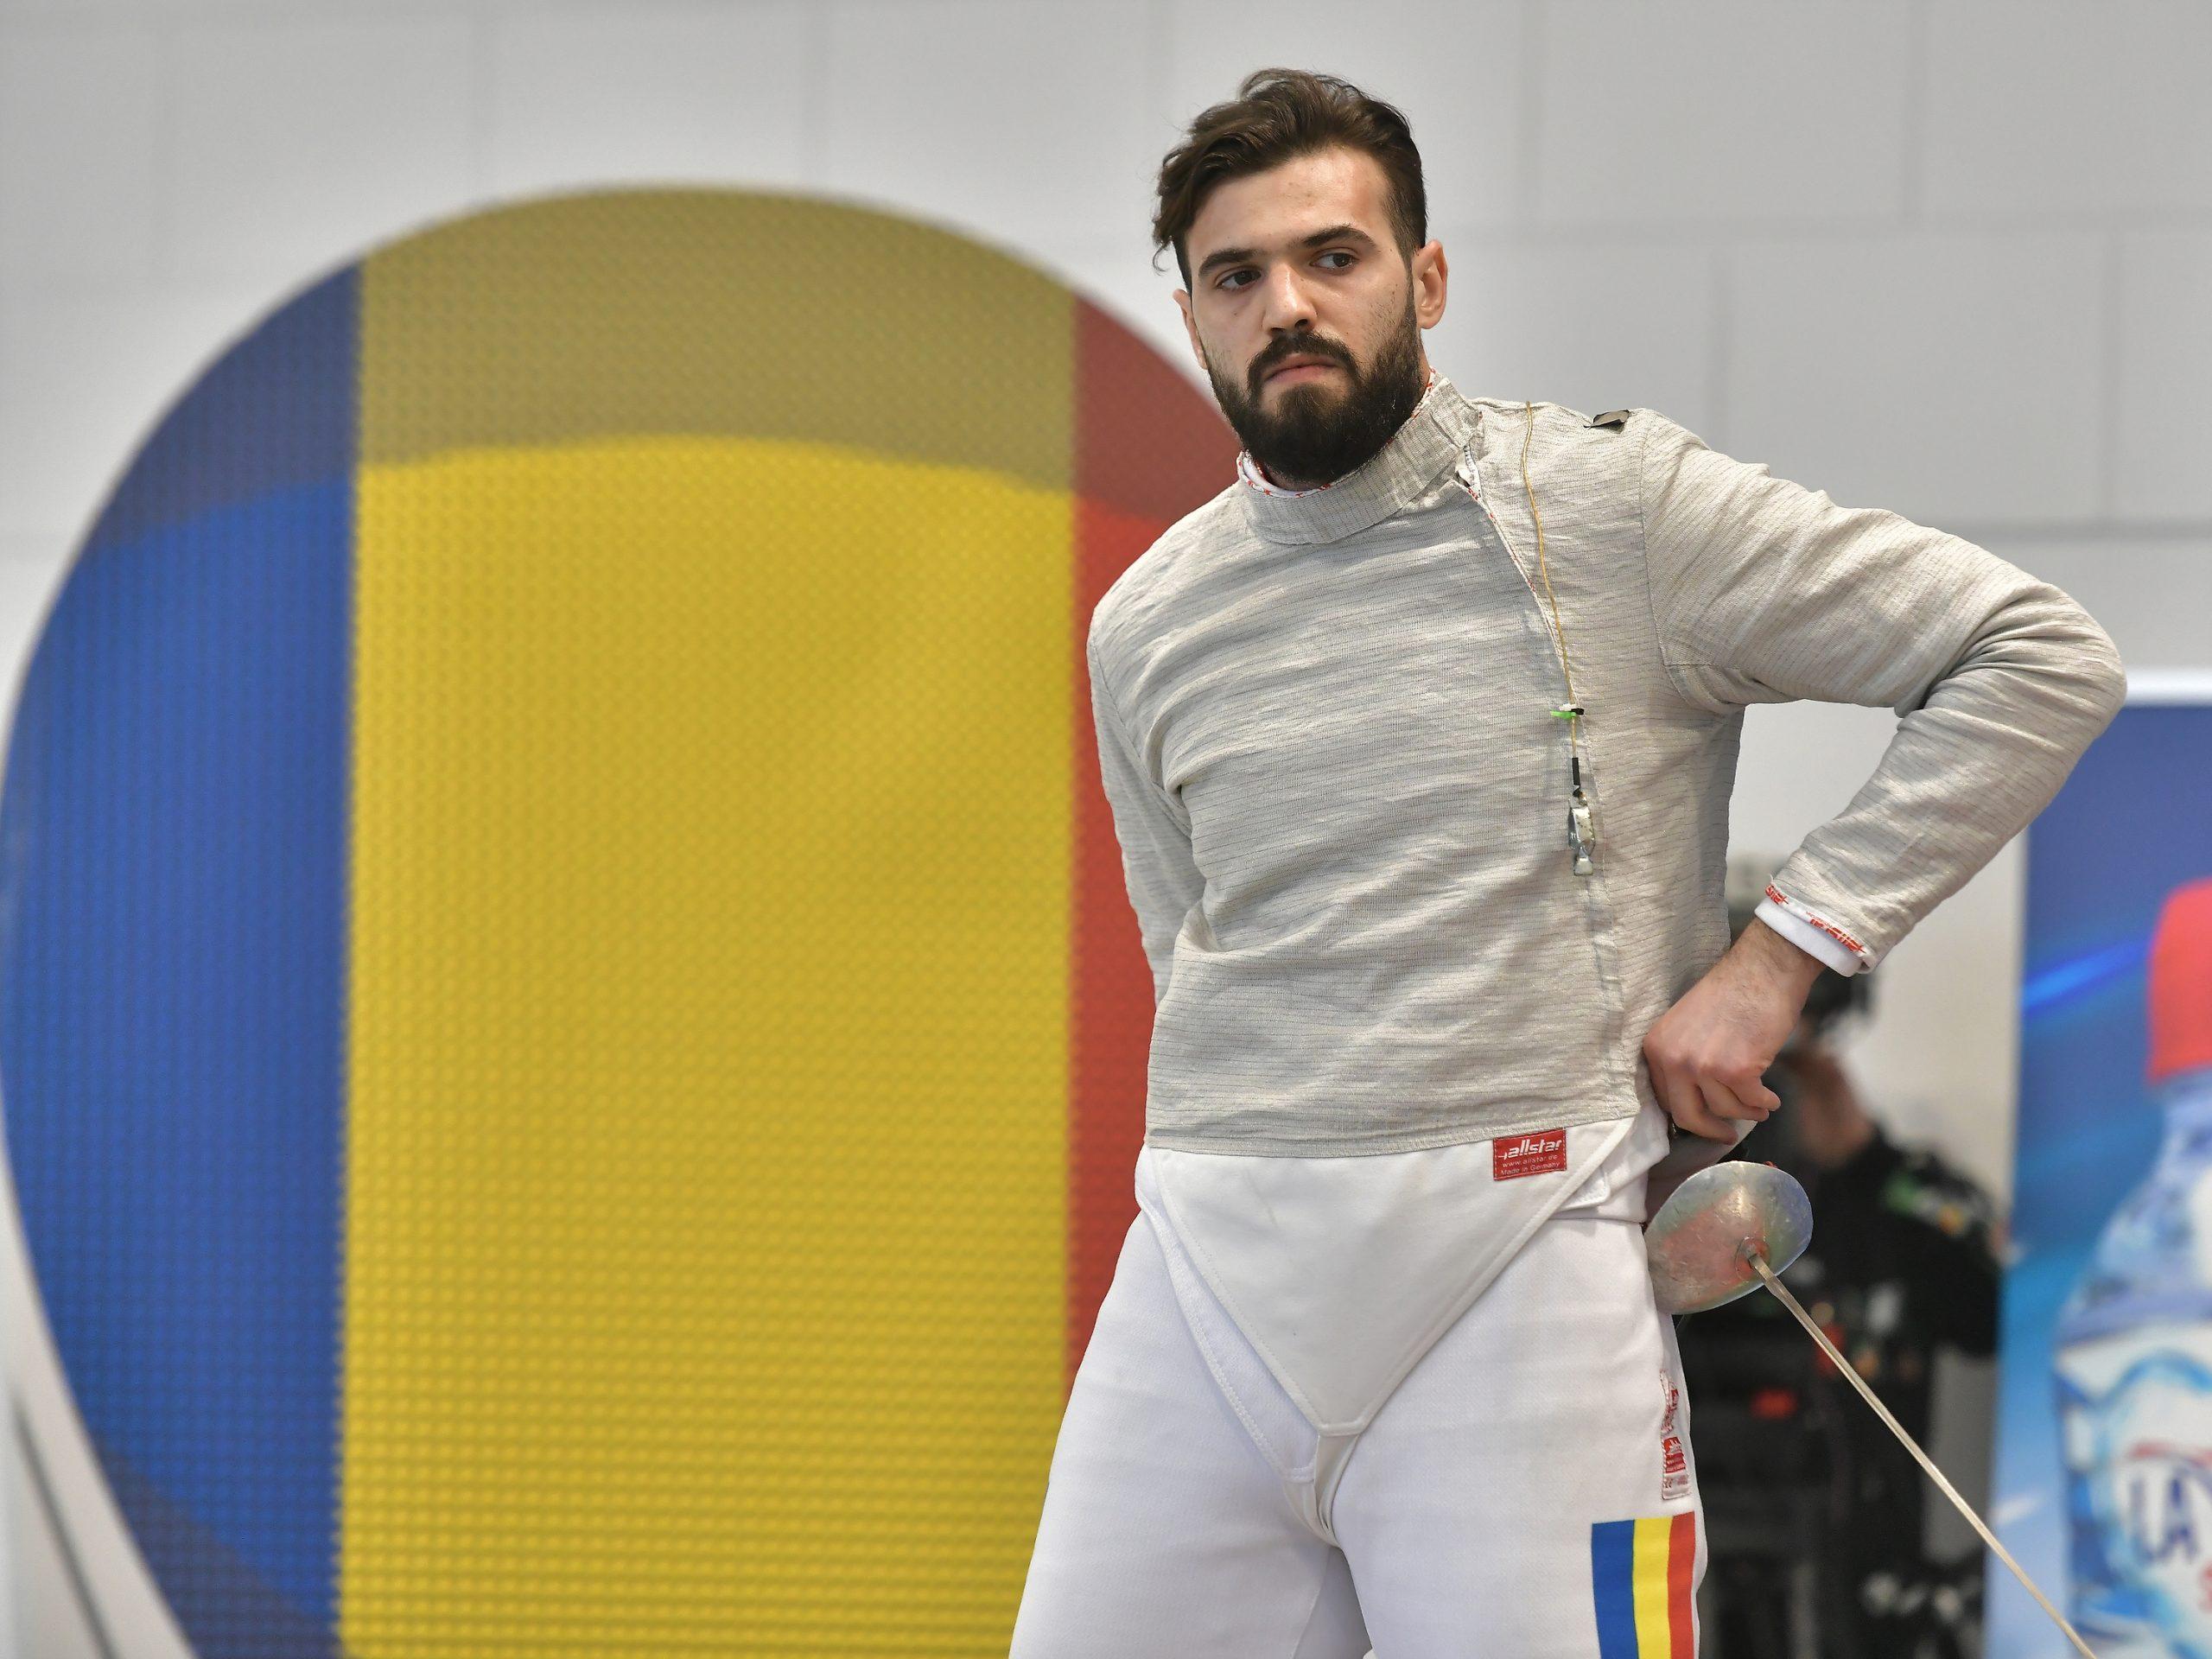 Iulian Teodosiu la campionatul national de sabie masculin individual desfasurat in Sala Ana Pascu-Floreasca din Bucuresti. Sursa: sportpictures.eu